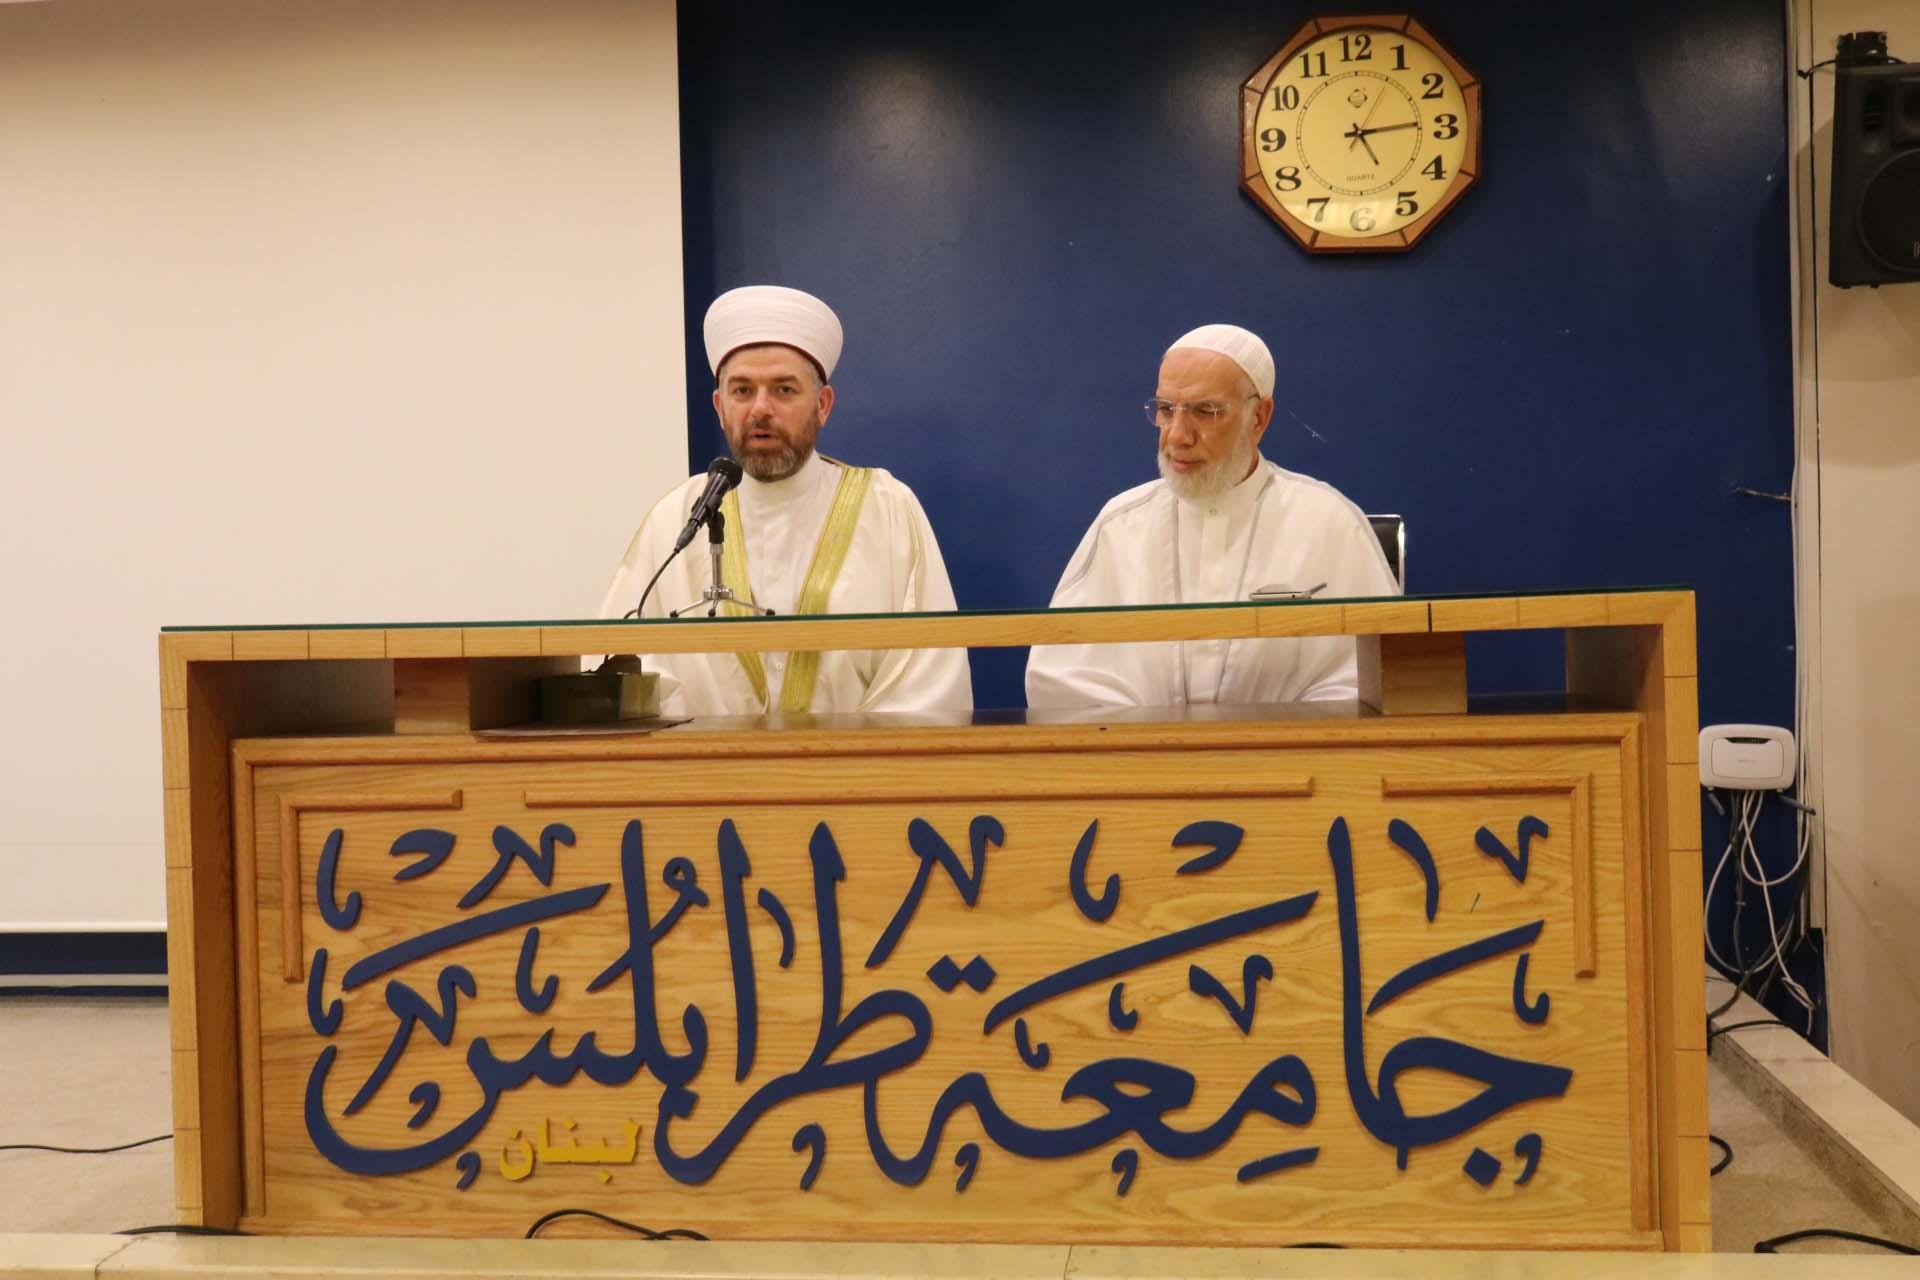 الداعية الدكتور عمر عبد الكافي محاضراً في جامعة طرابلس (2/5)